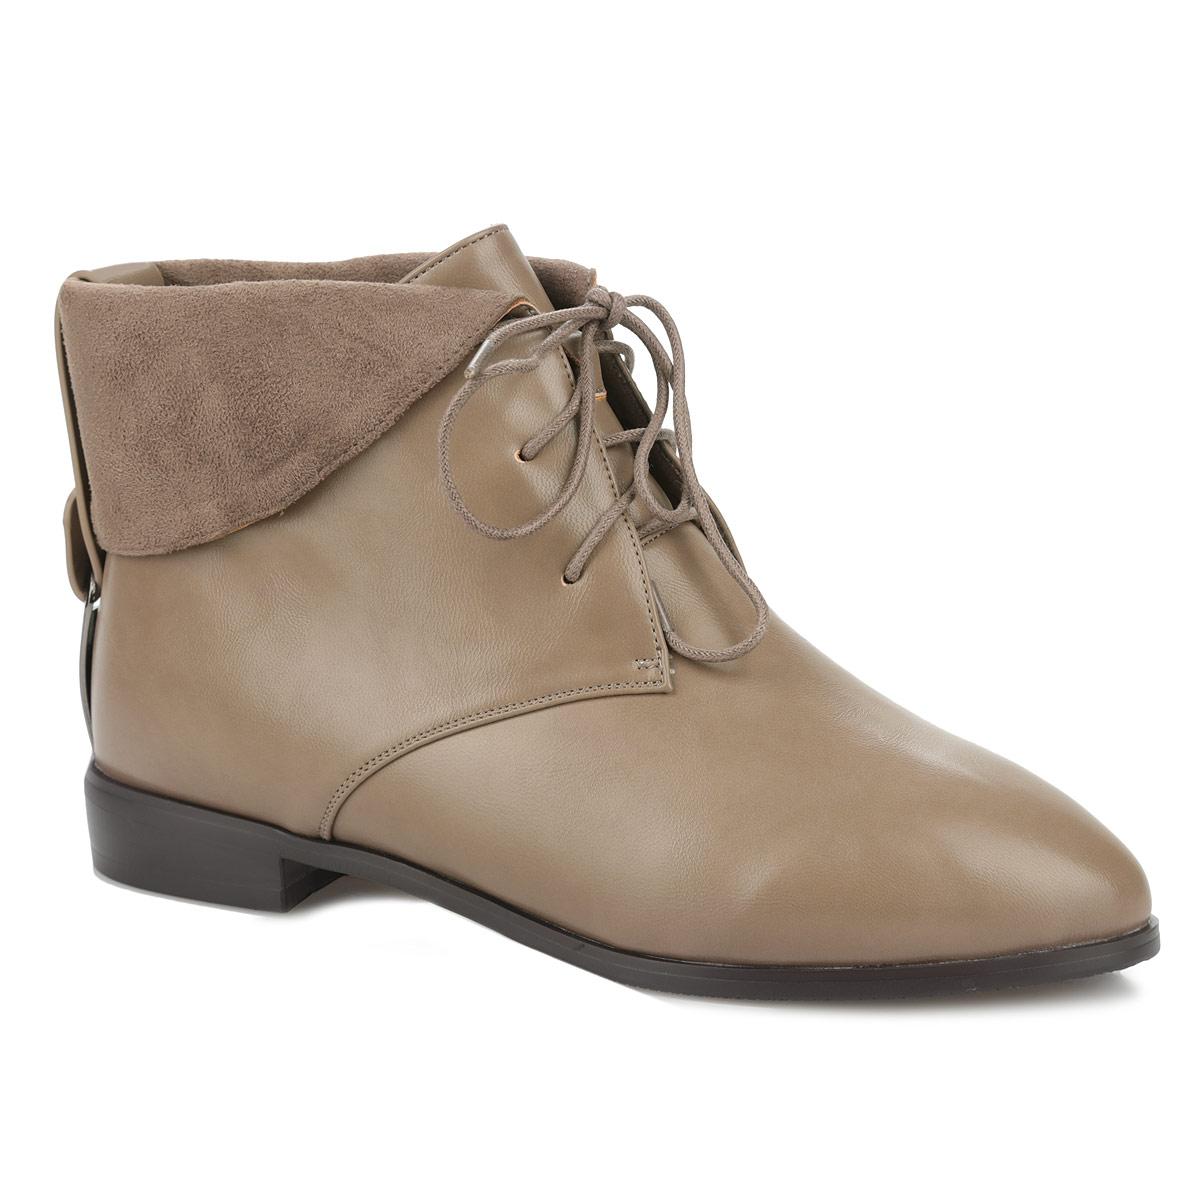 Ботинки женские 5464-01-4B5464-01-4BЭффектные женские ботинки от Inario покорят вас с первого взгляда! Модель изготовлена из искусственной кожи и оформлена отворотом, на заднике - декоративным ремешком, пропущенным через металлическую фурнитуру. Шнуровка прочно зафиксирует обувь на вашей ноге. Мягкая стелька дополнена нашивкой с названием бренда. Ботинки оснащены невысоким устойчивым каблуком. Подошва и каблук с противоскользящим рифлением обеспечивают отличное сцепление с поверхностью. Стильные ботинки - незаменимая вещь в гардеробе истинной модницы.